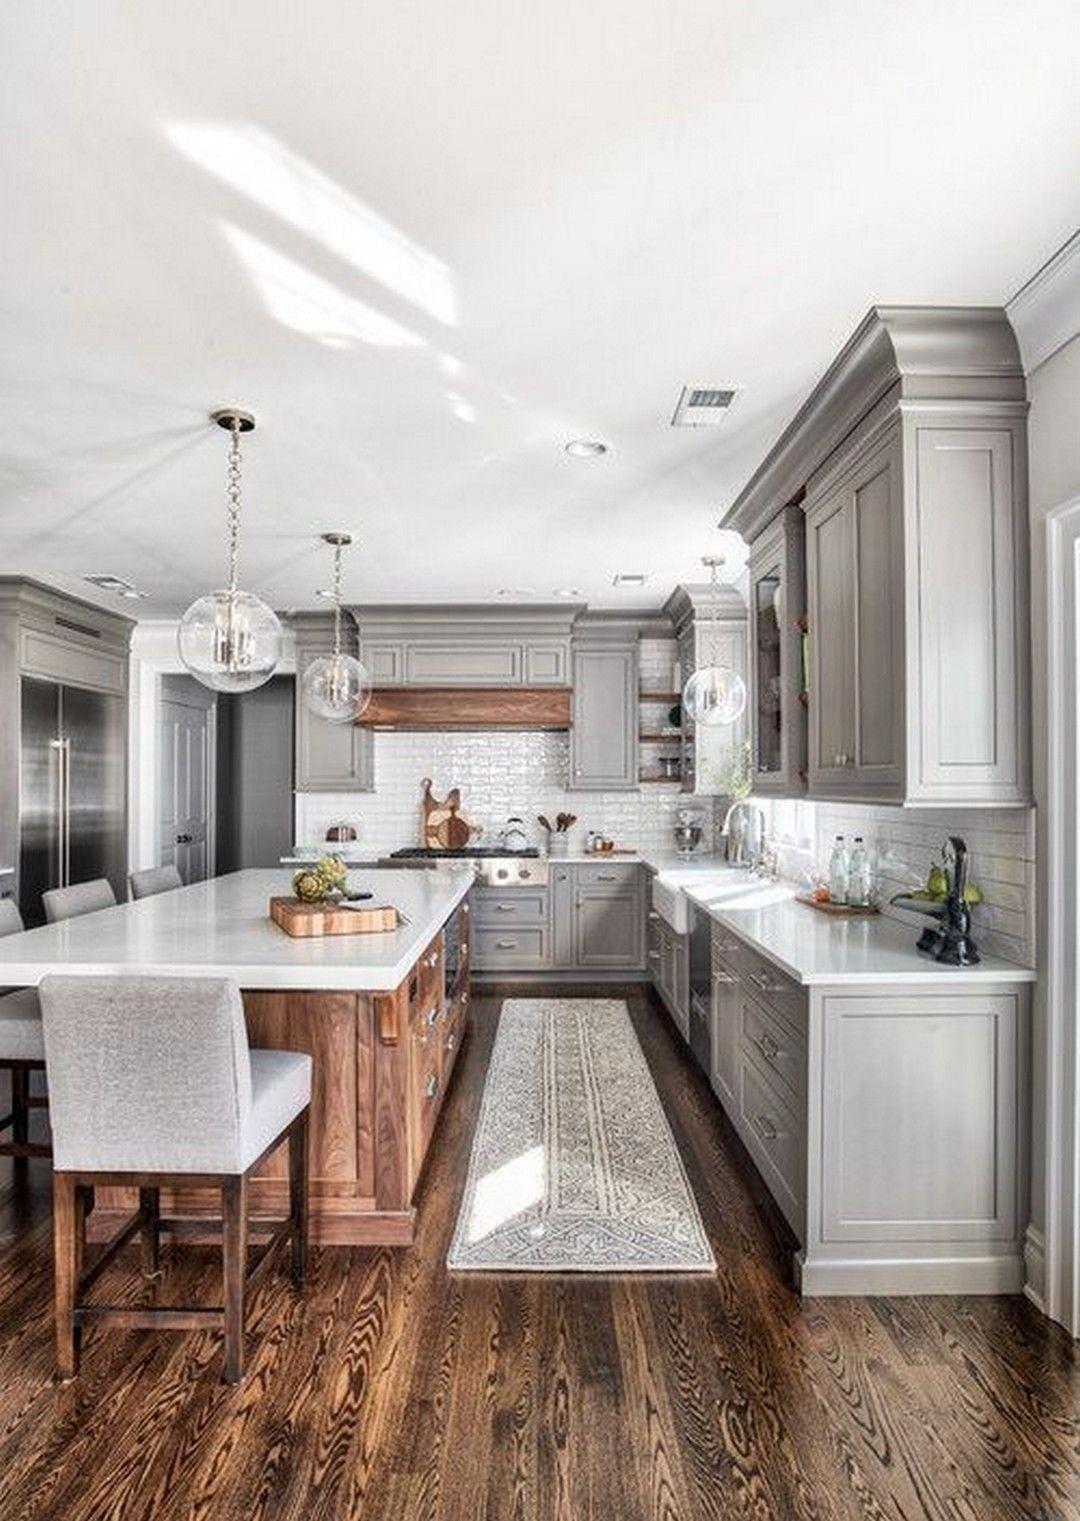 luxurykitchendesigns kitchen in 2019 grey kitchen designs rh pinterest com